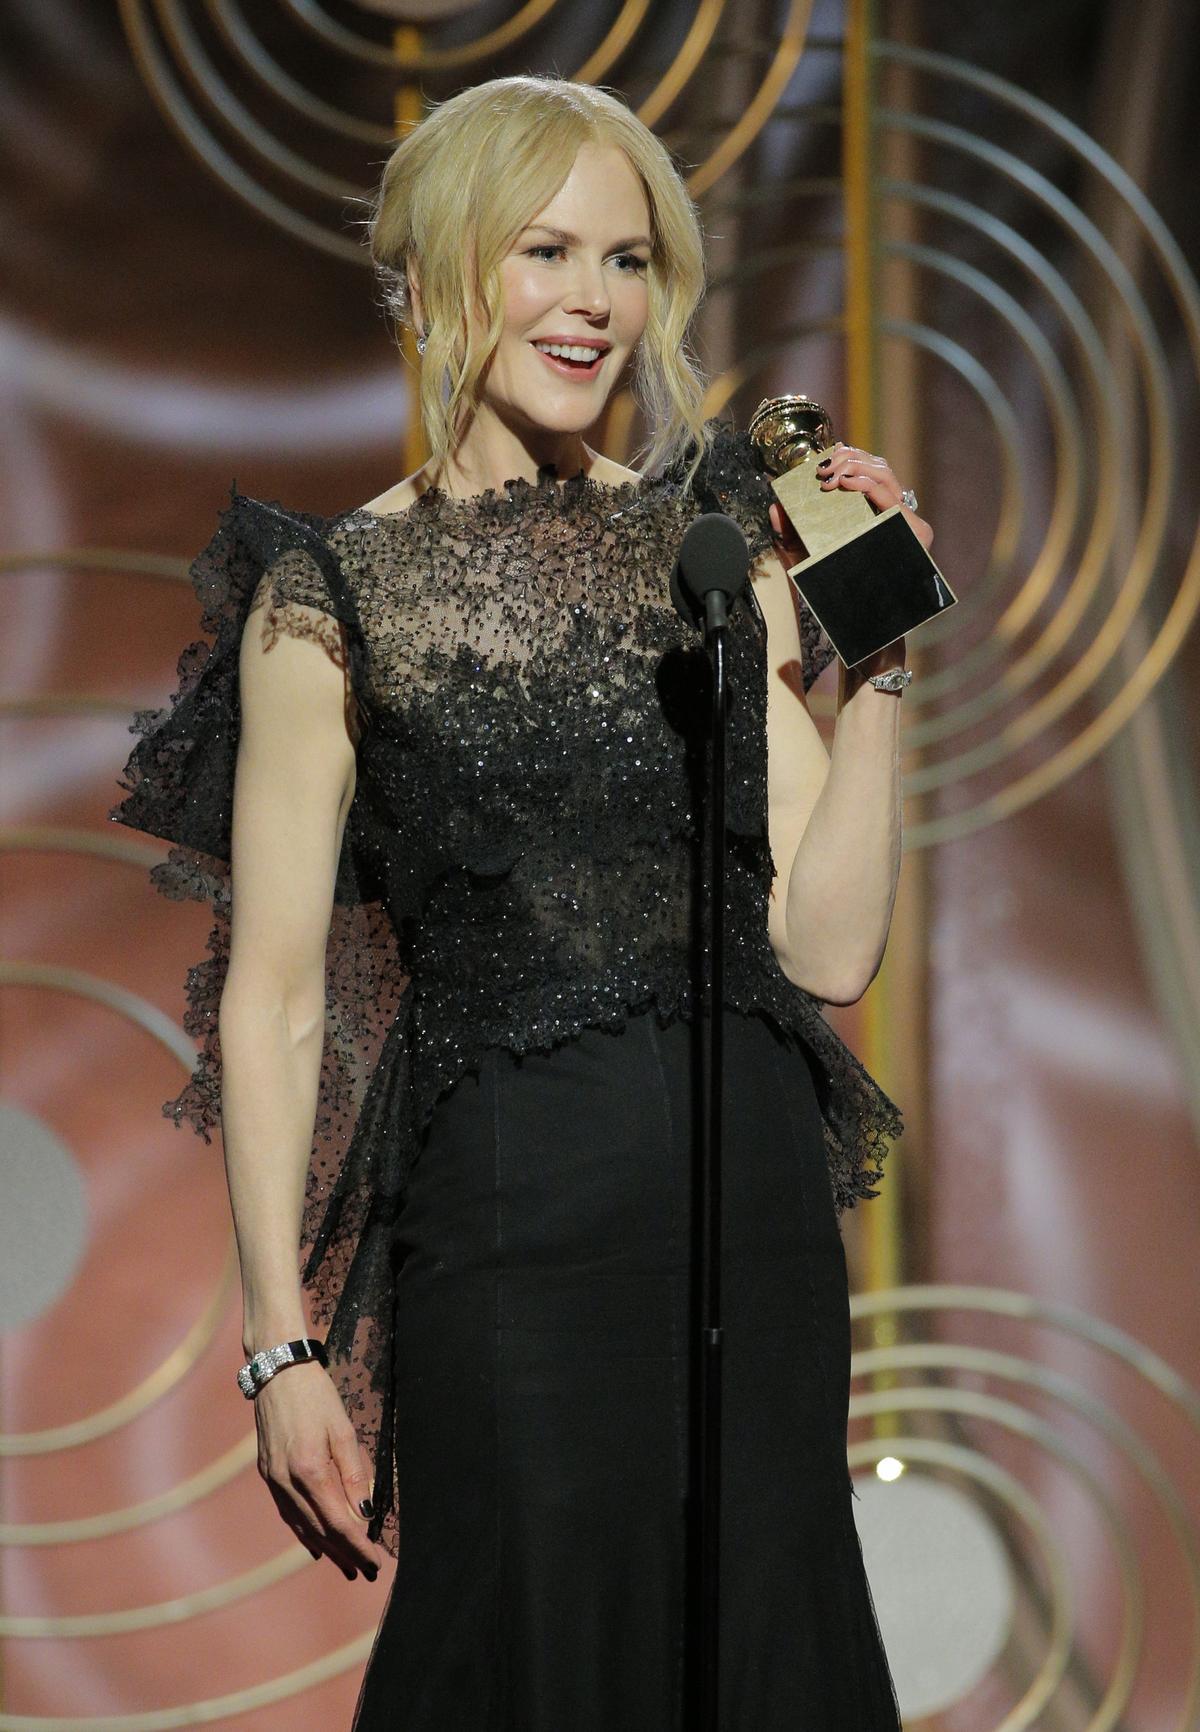 妮可基嫚以《美麗心計》榮獲「最佳迷你影集與電視電影女主角」(東方IC)